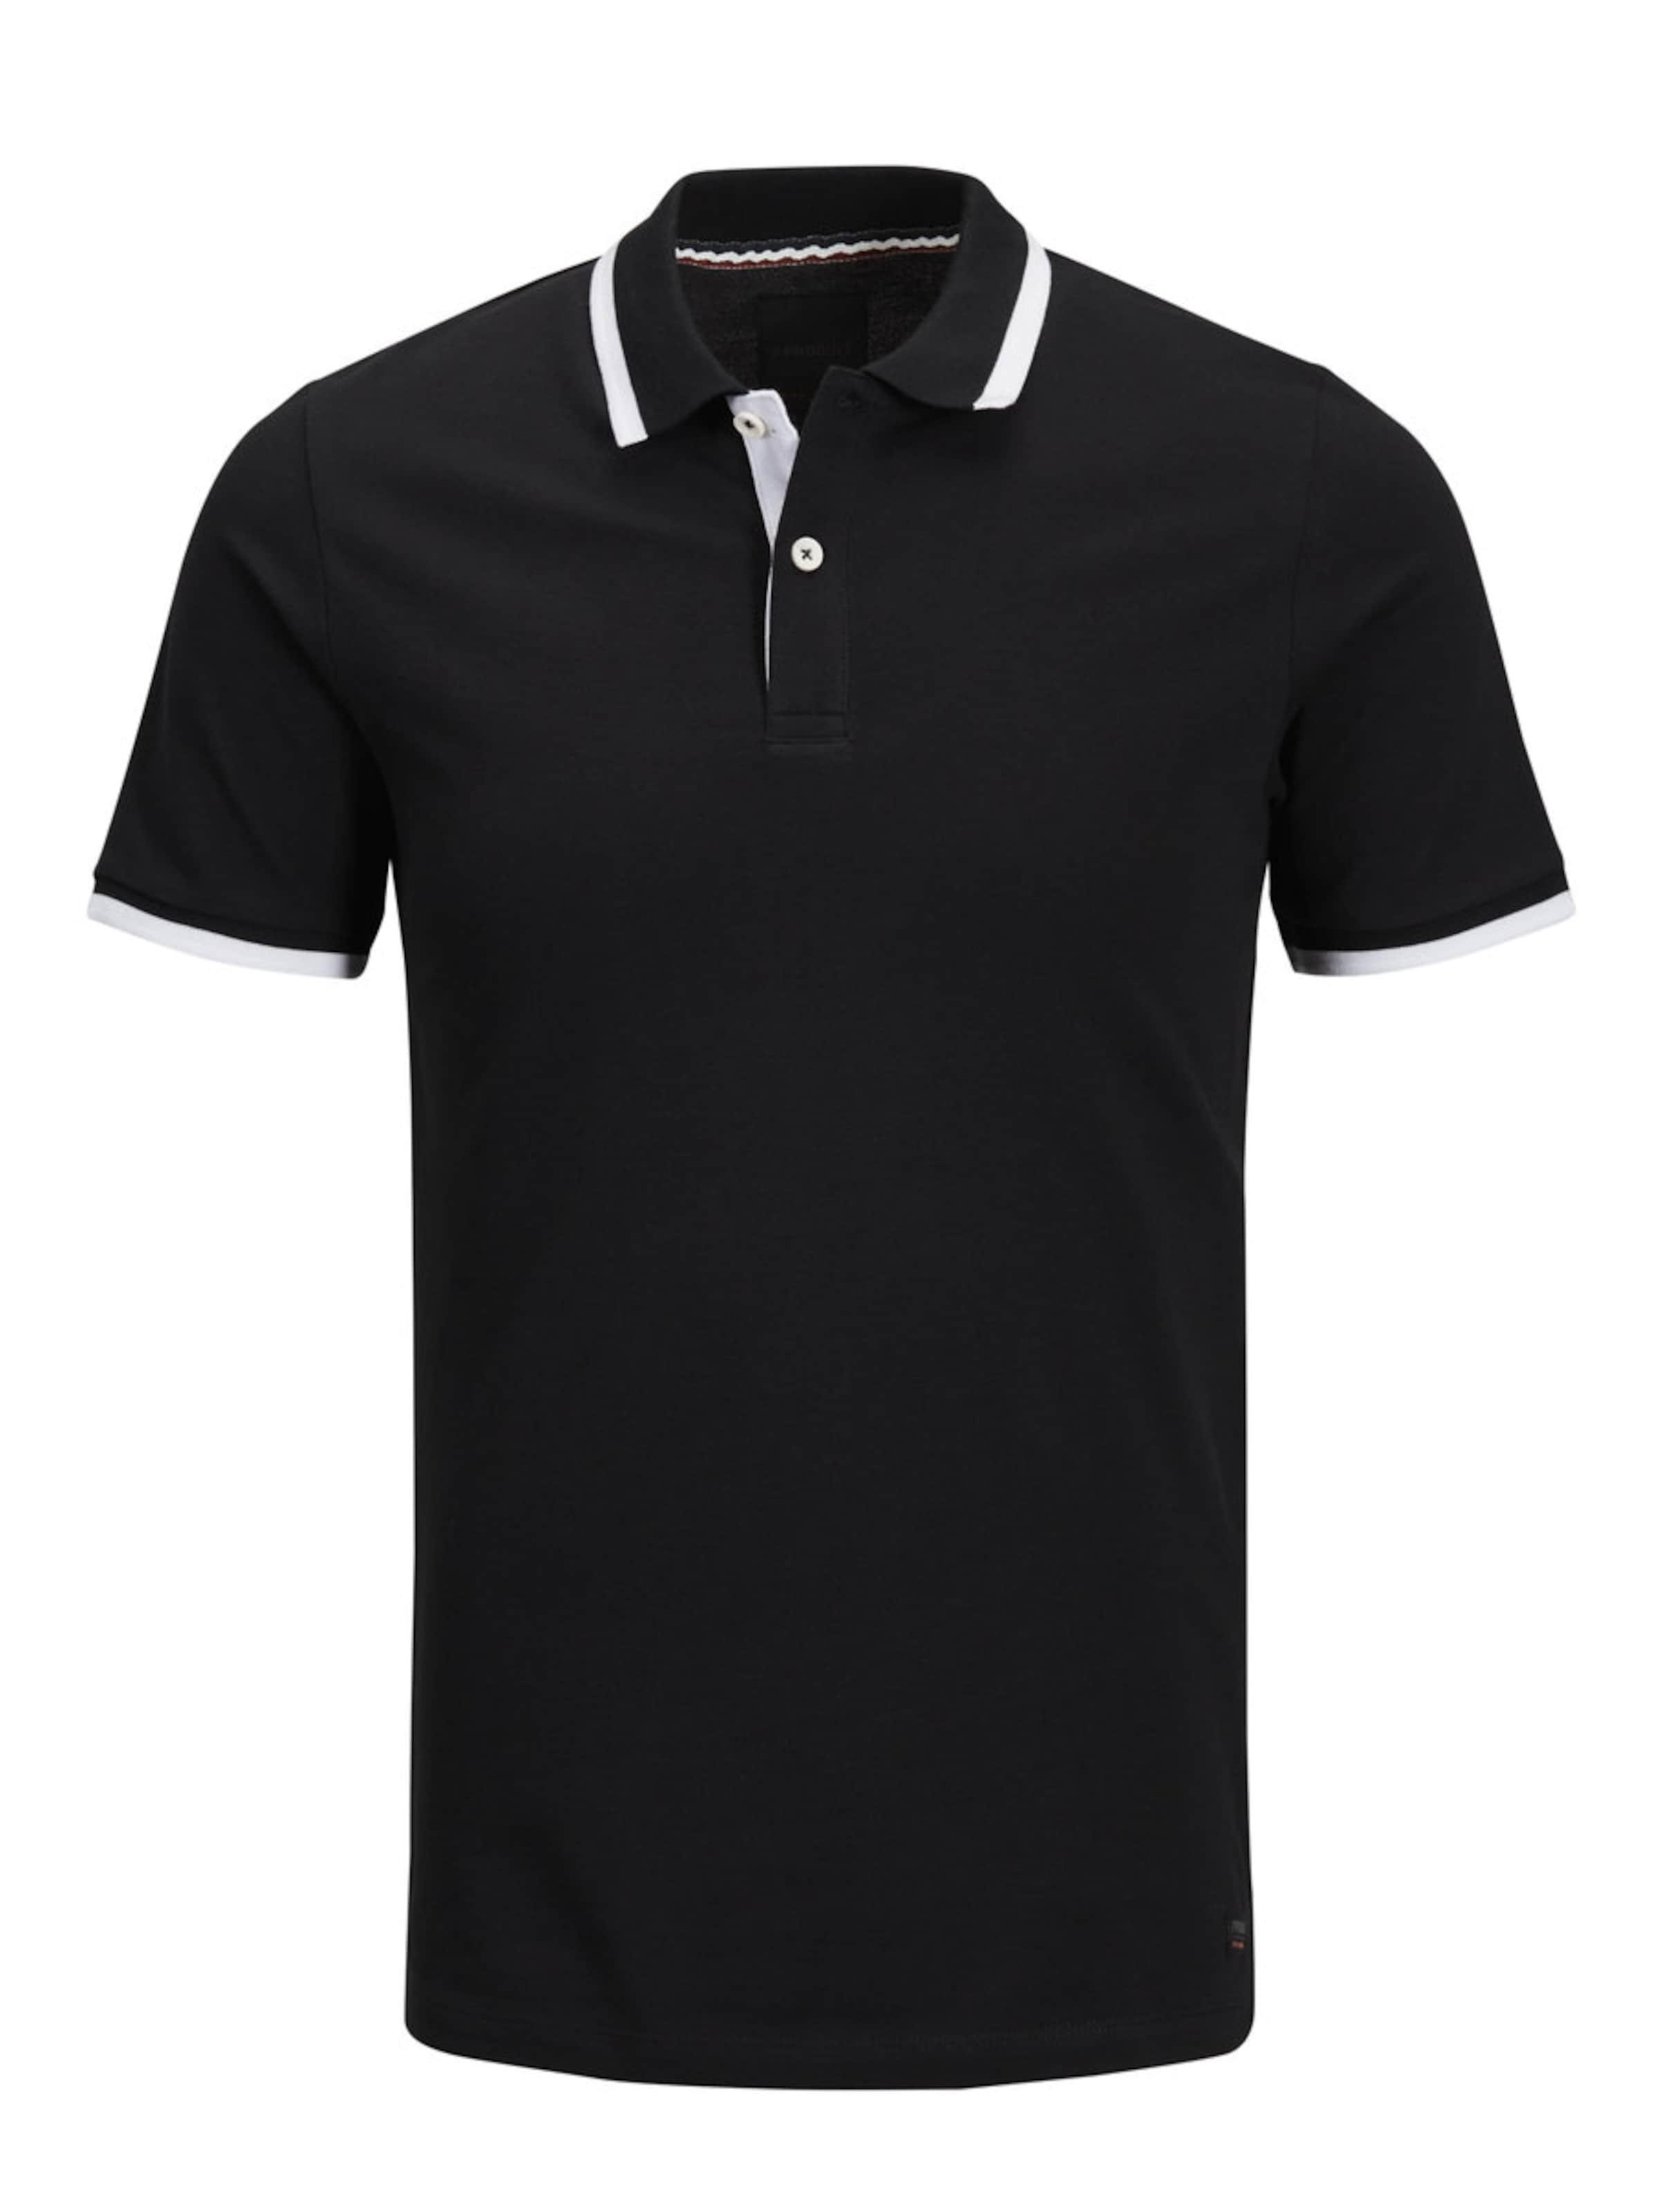 Produkt Klassisches Poloshirt Mit Visum Zahlen Zu Verkaufen Auftrag Rabatt Billig Verkauf Sammlungen 5f9hcSP